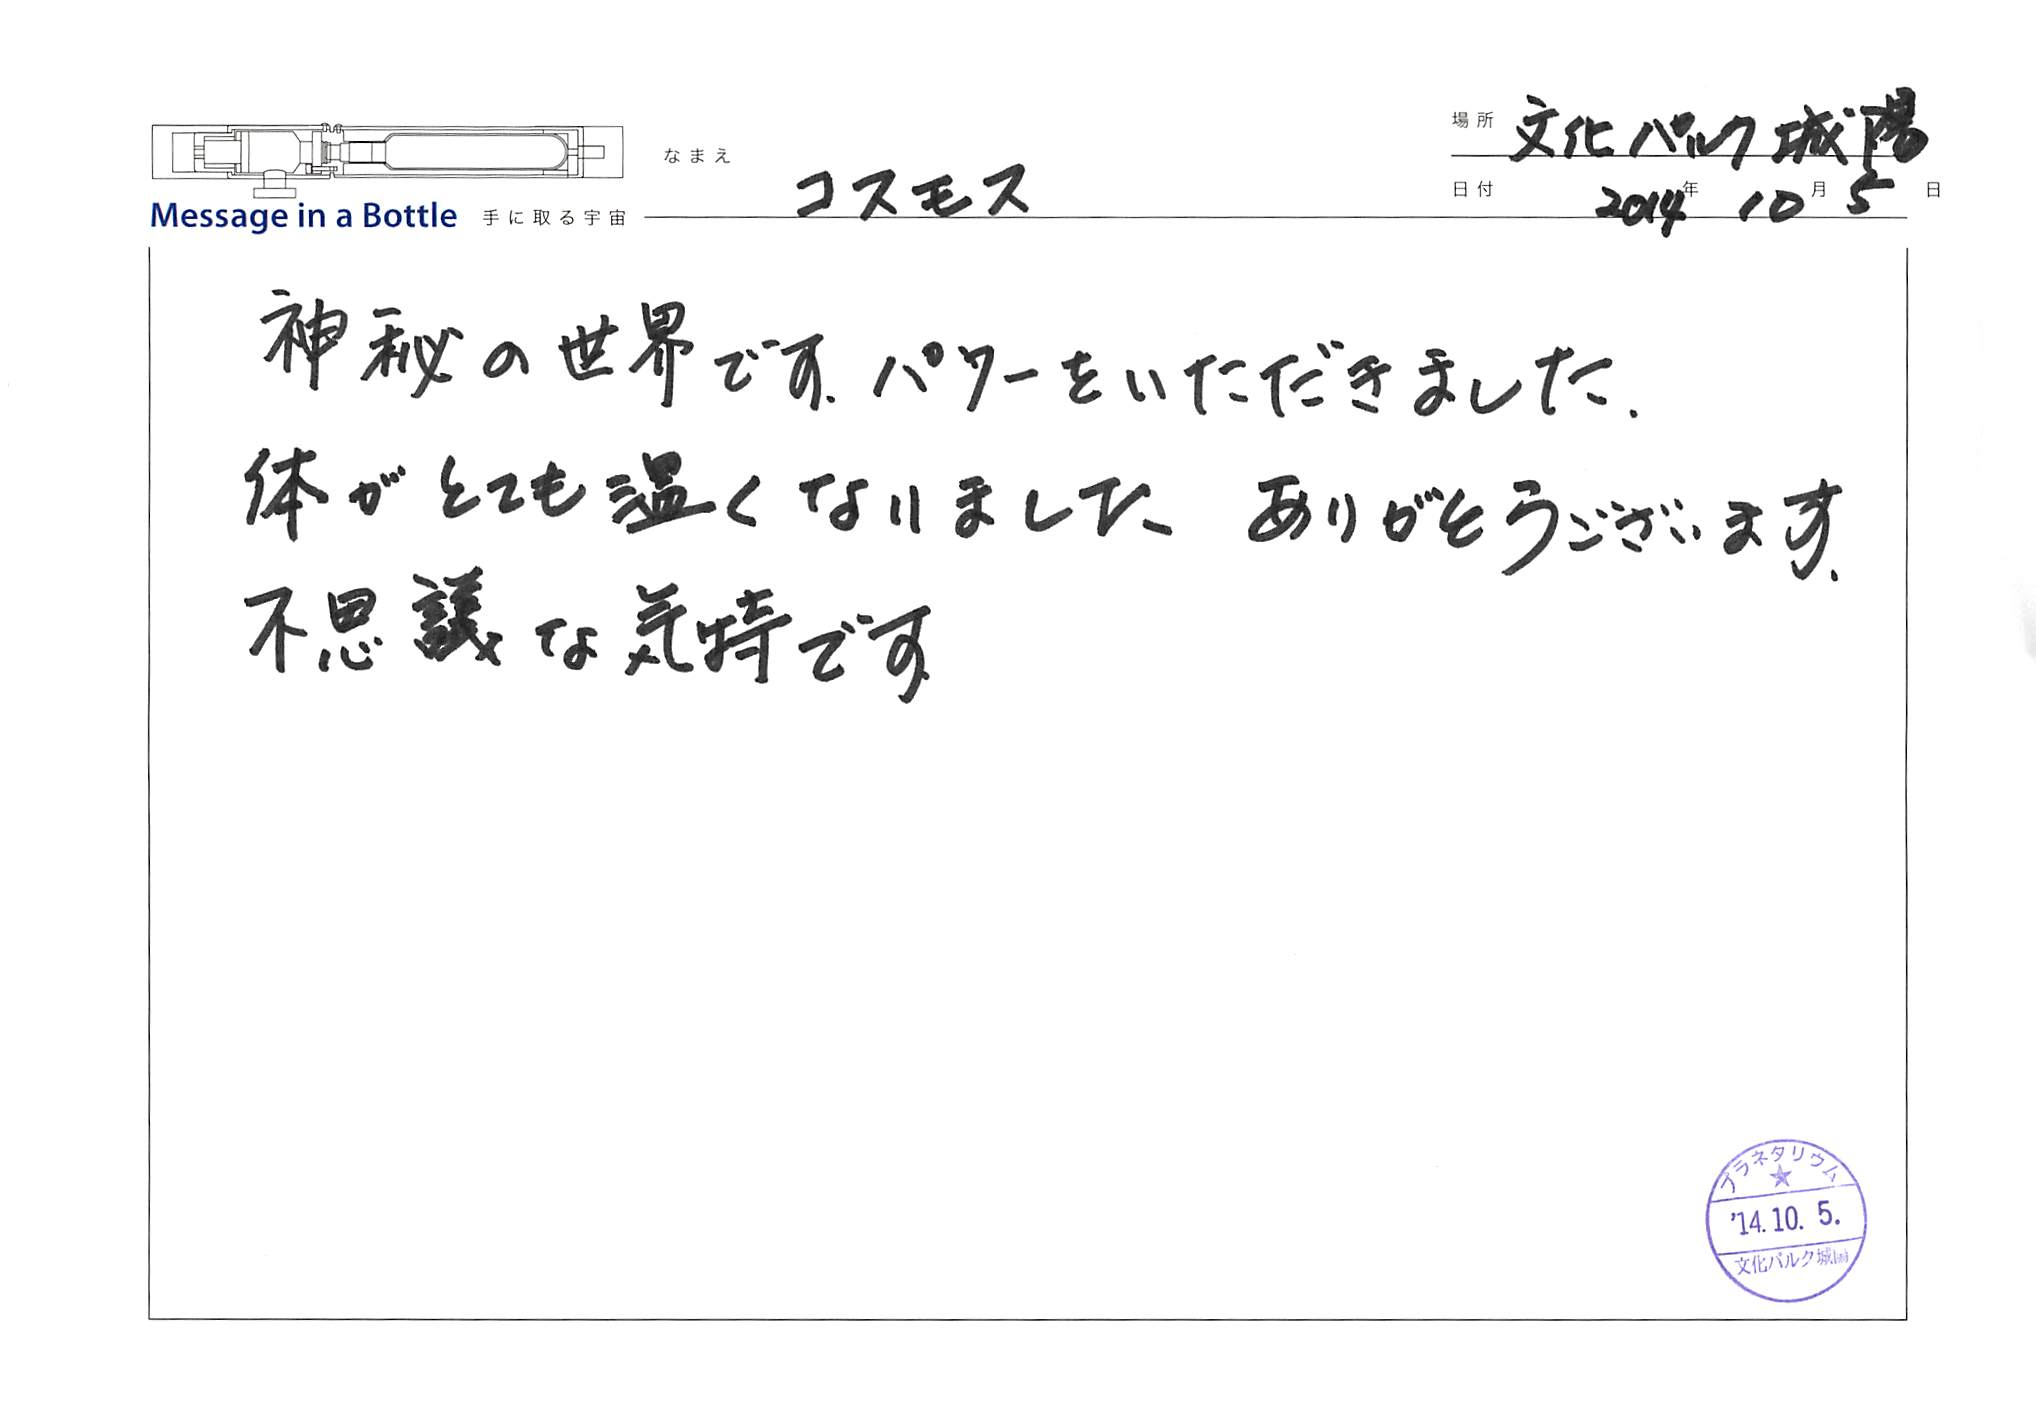 2014-10-05-17-28-48.jpg